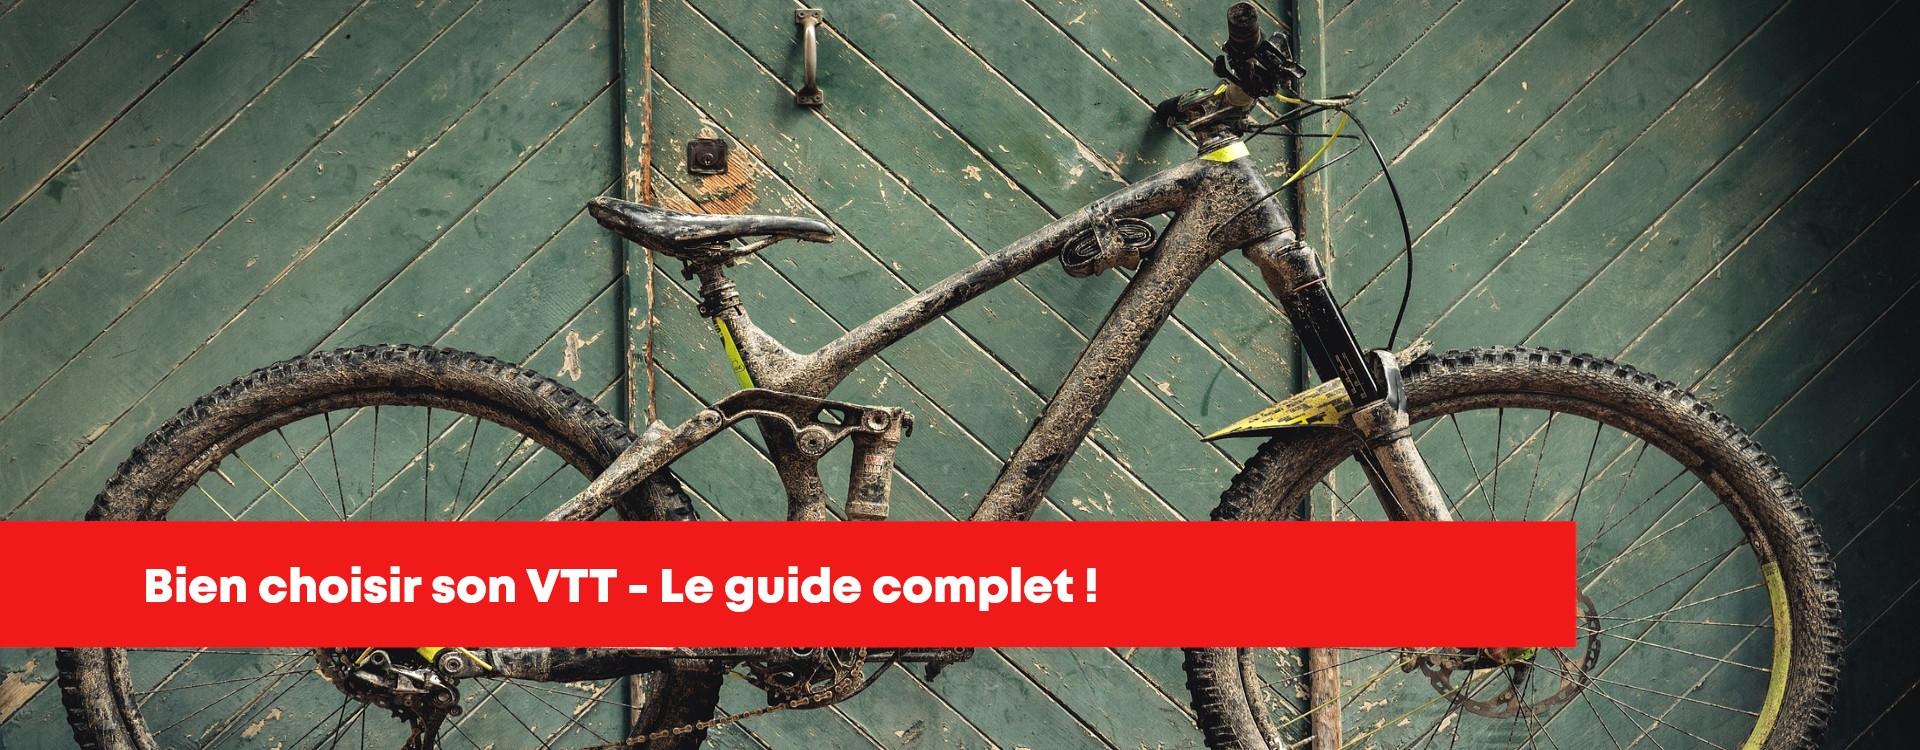 Quel VTT choisir? Notre guide ultime!